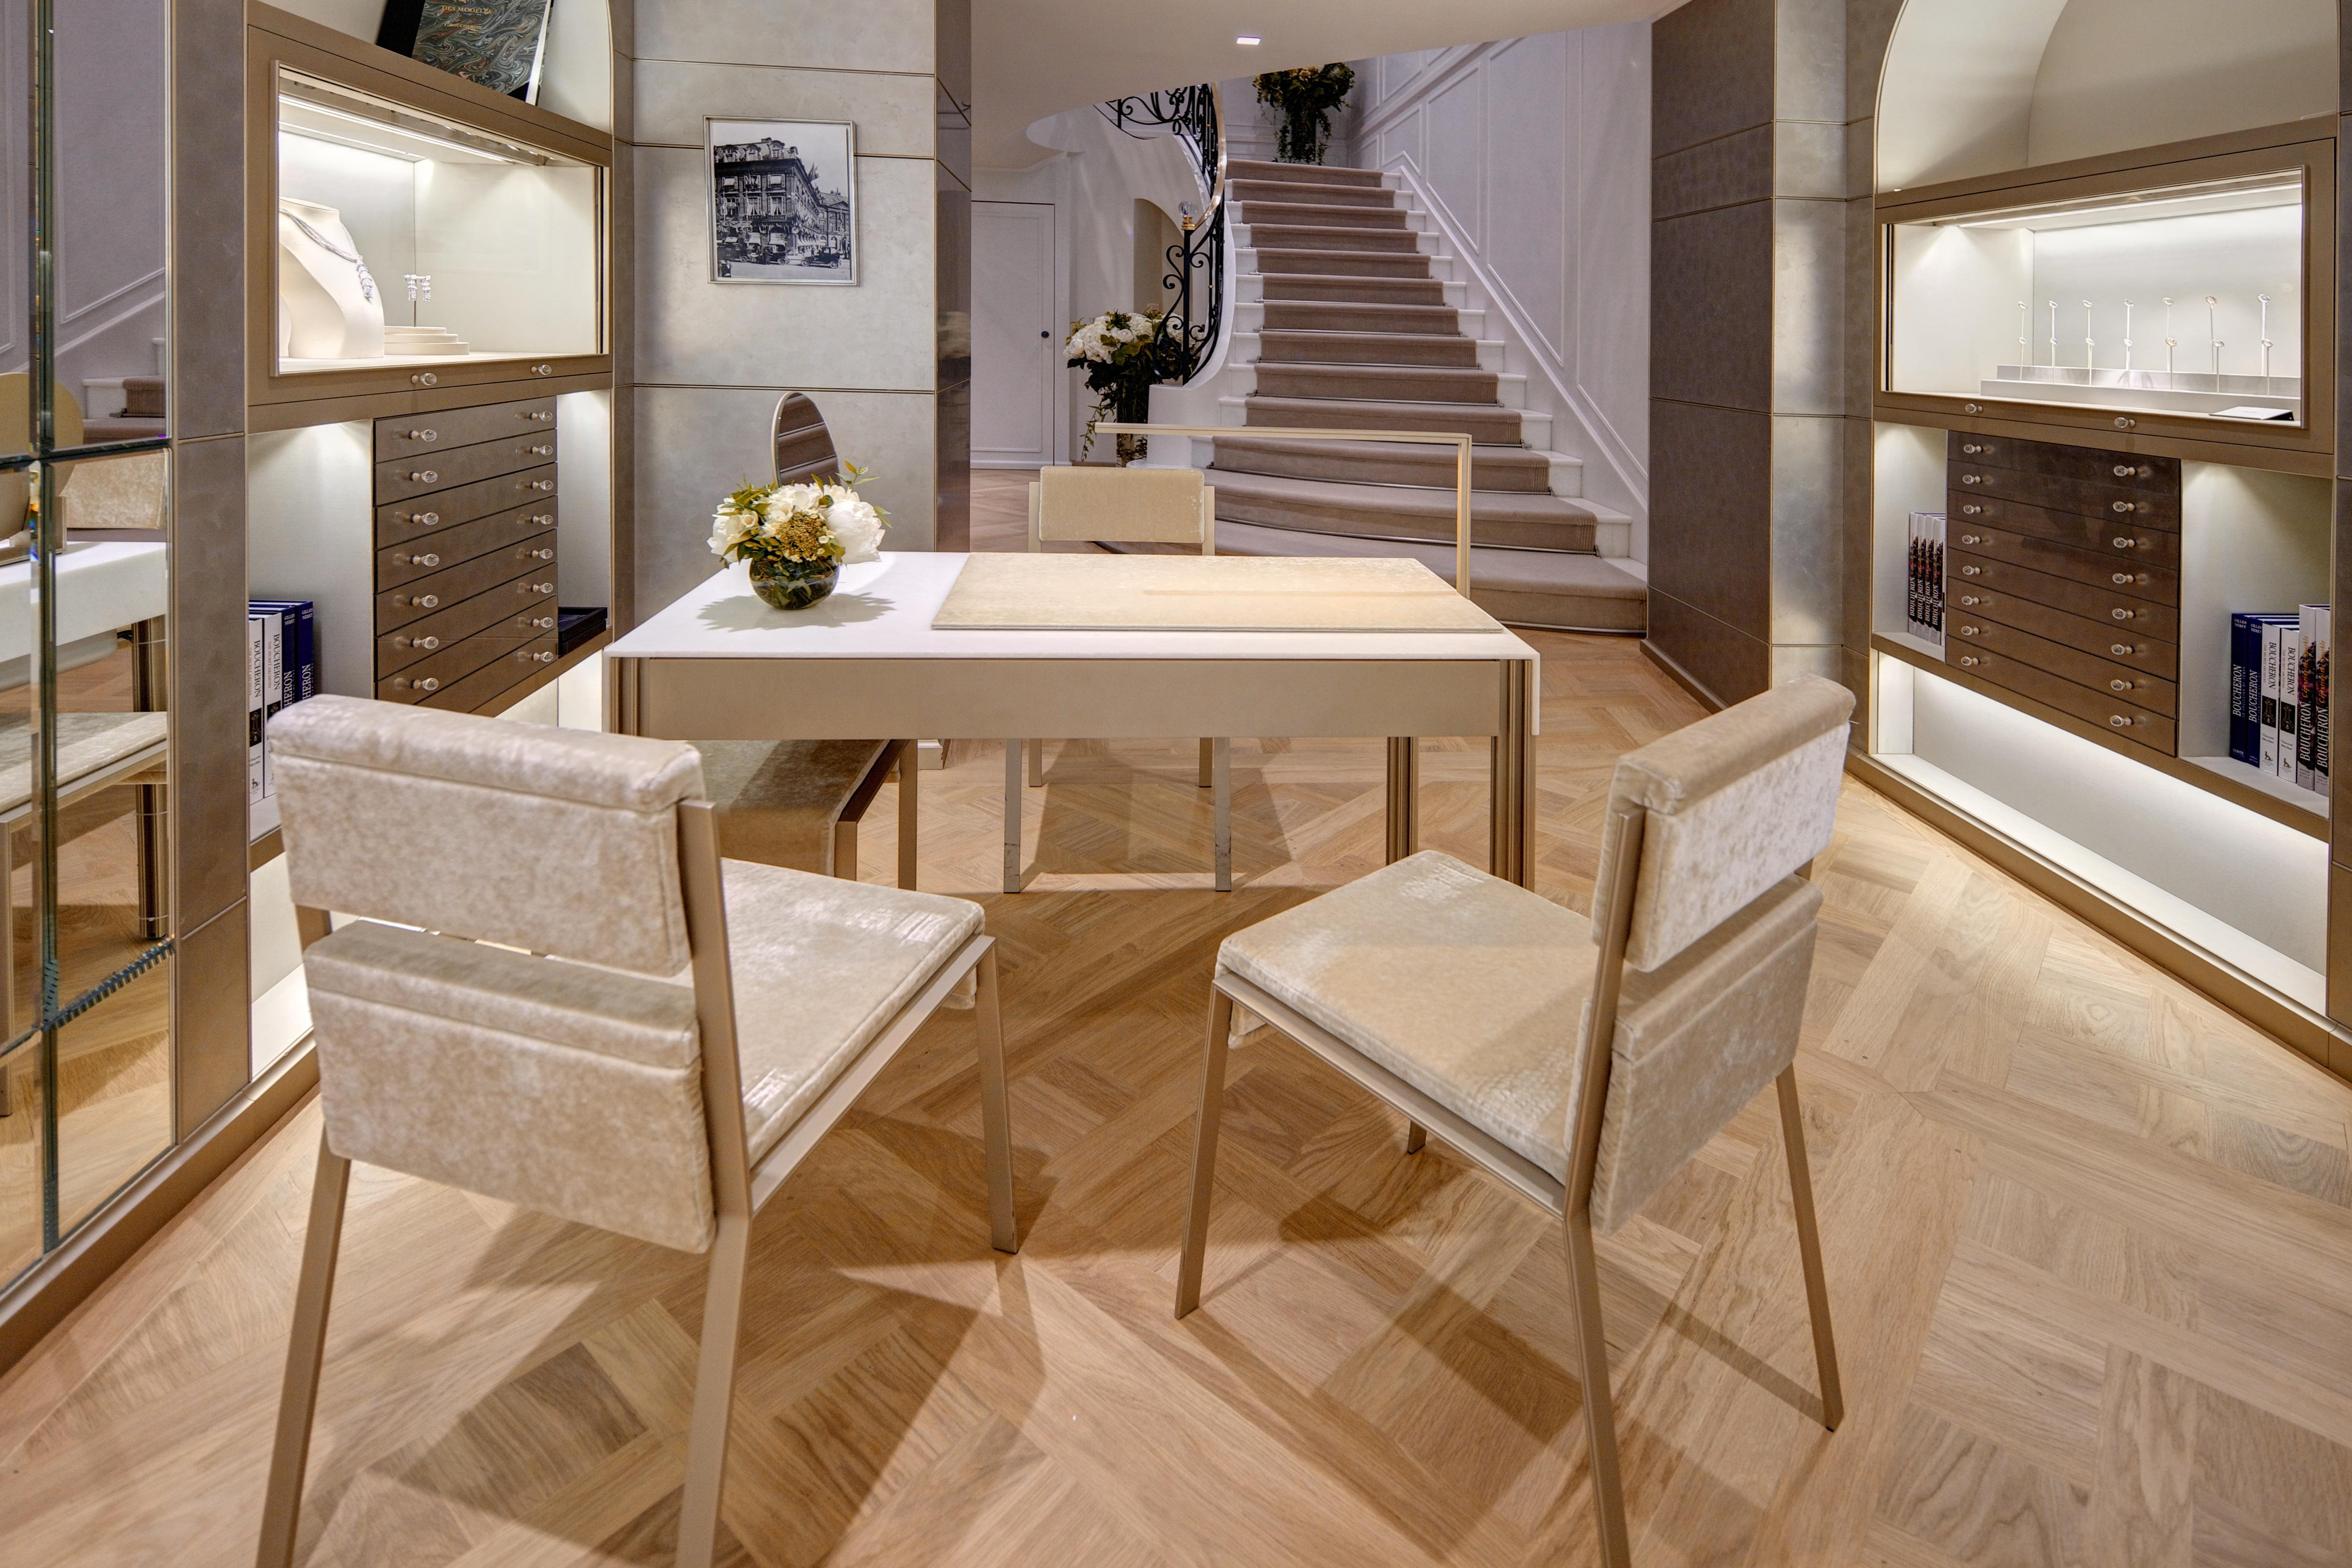 ameliemorinbernat.com retail bijouterie table présentation chaise velours